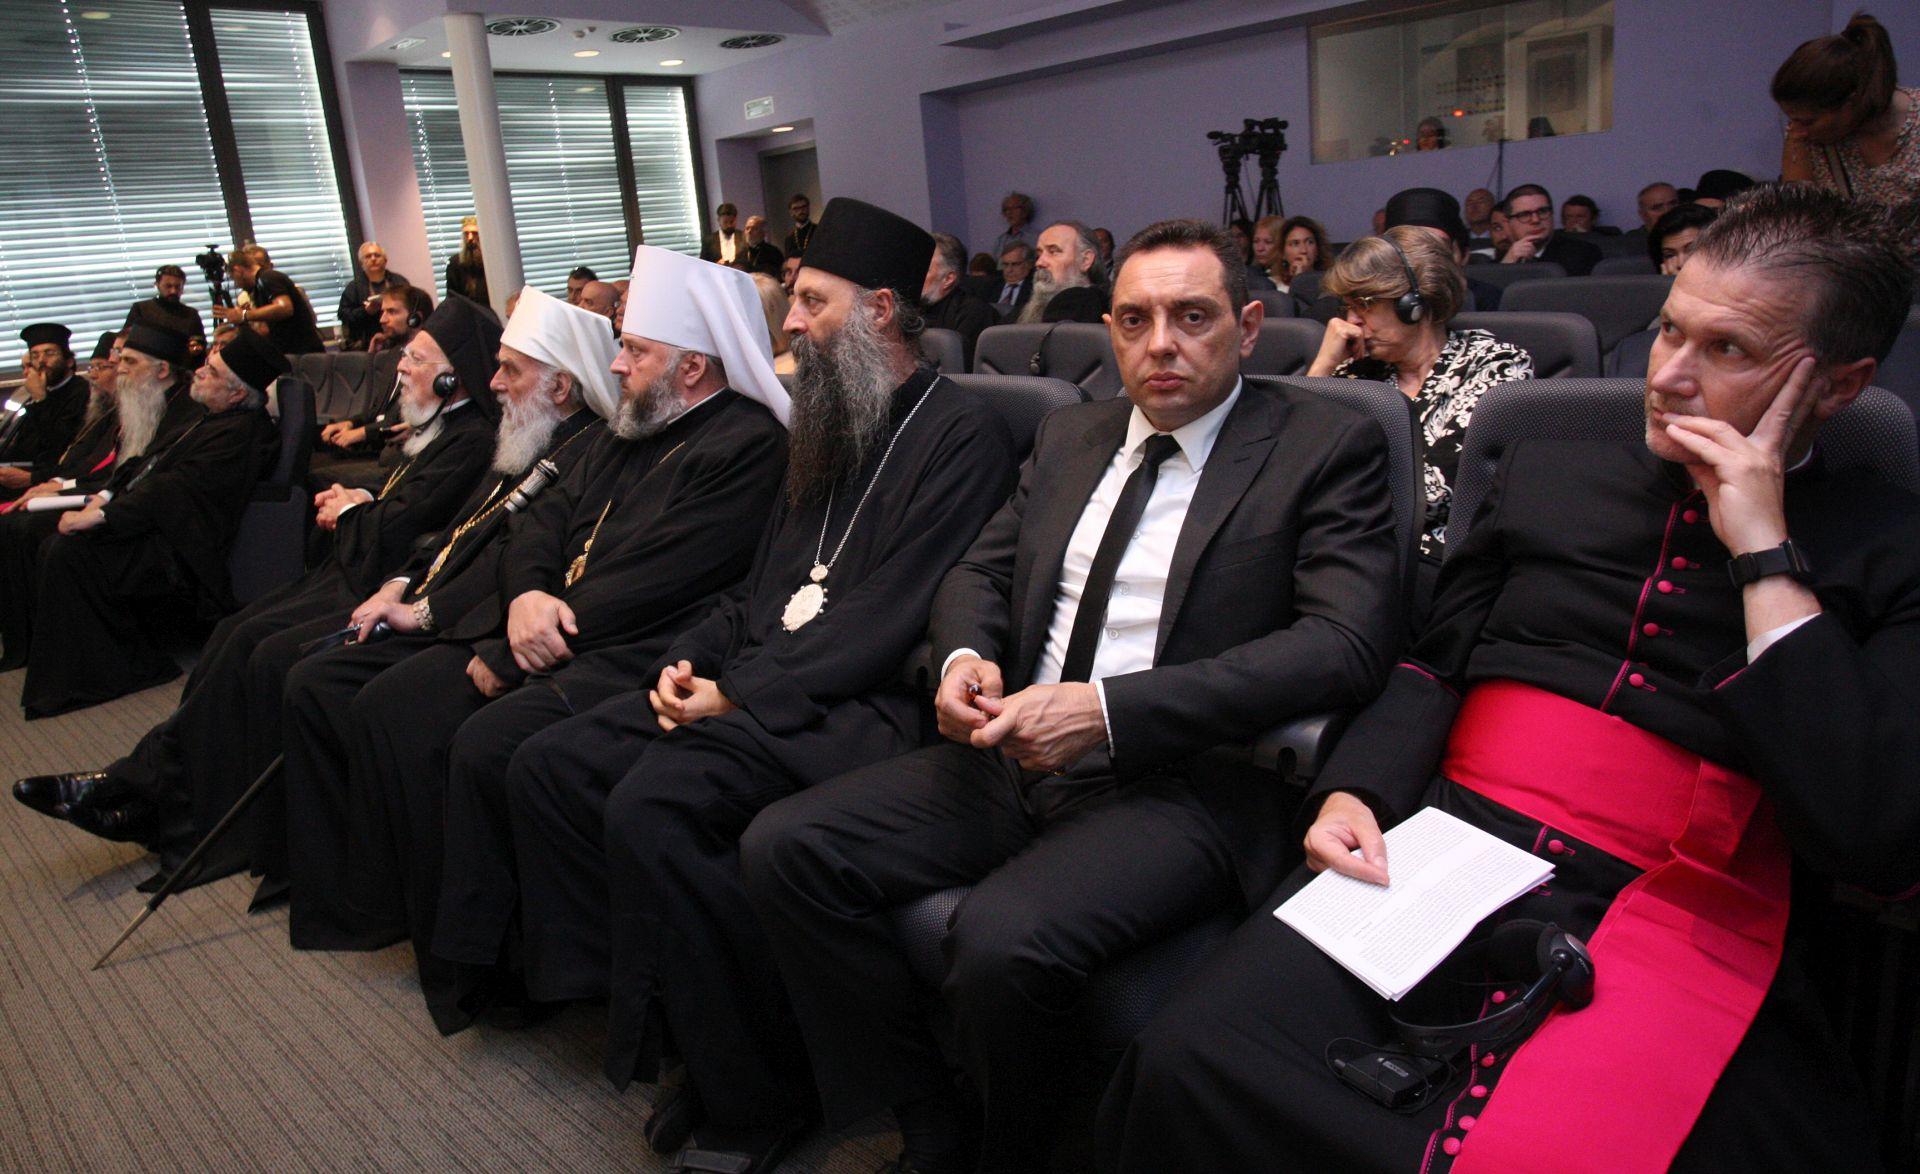 Vulin kaže da će Srbija jačati vojsku jer nema moćne saveznike u svijetu, za razliku od Hrvatske